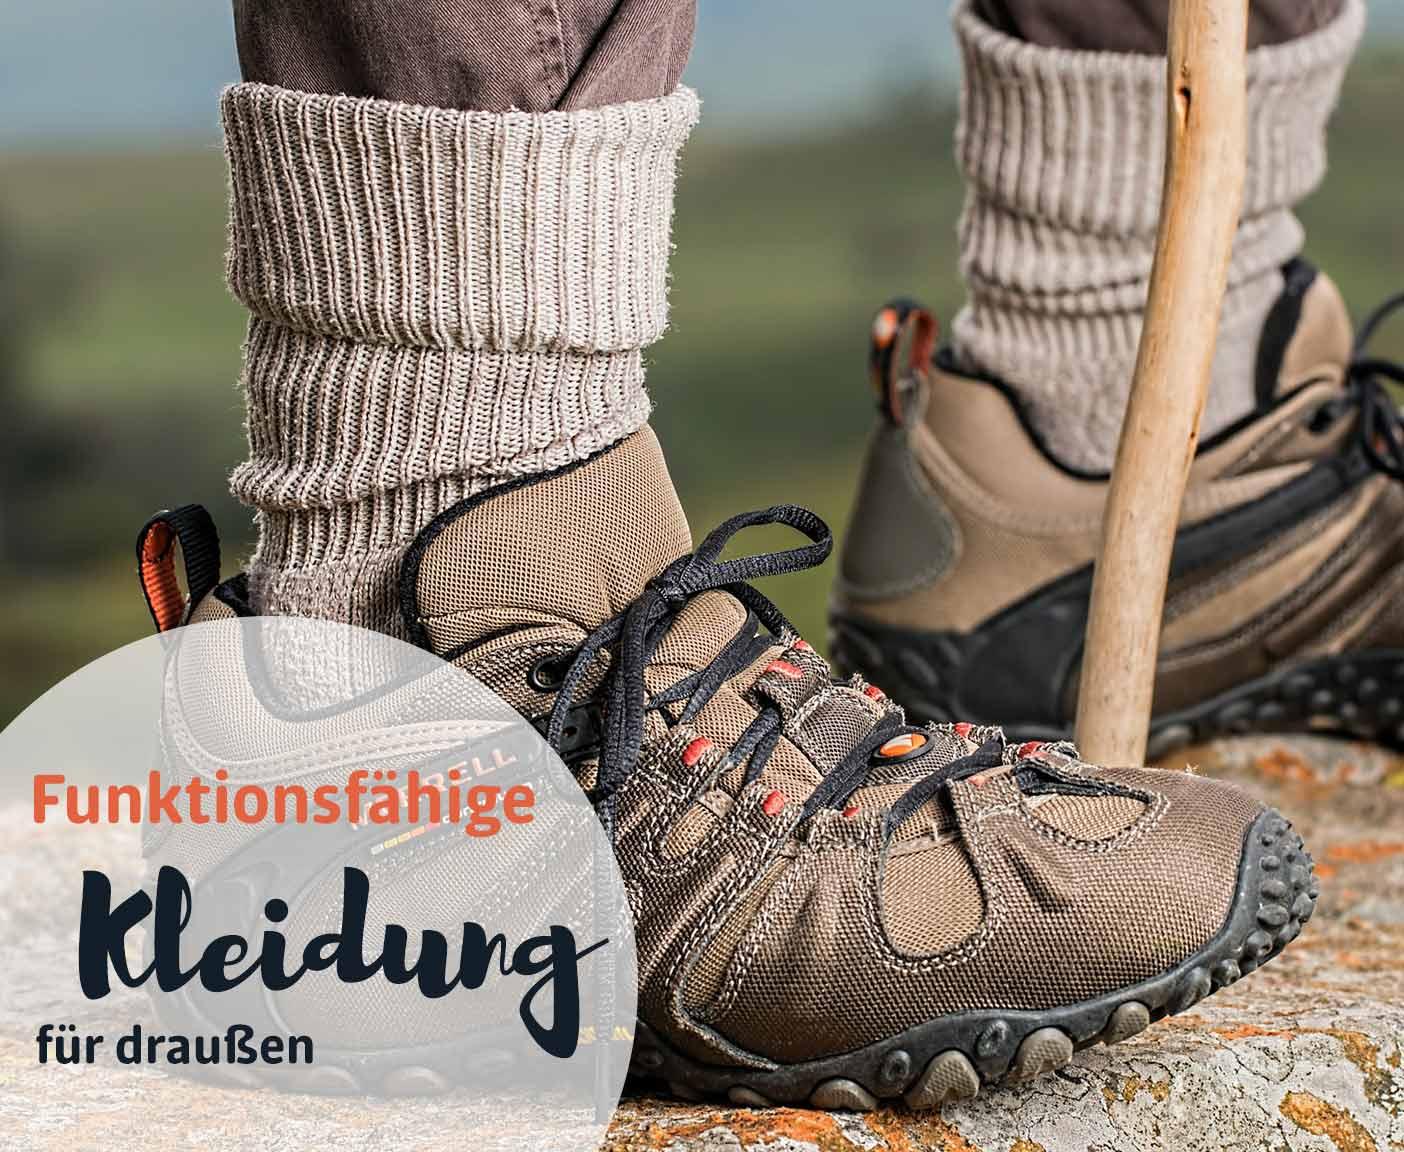 Outdoor funktionsfähige Schuhe und Socken beim Wandern, Packliste Camping mit PaulCamper